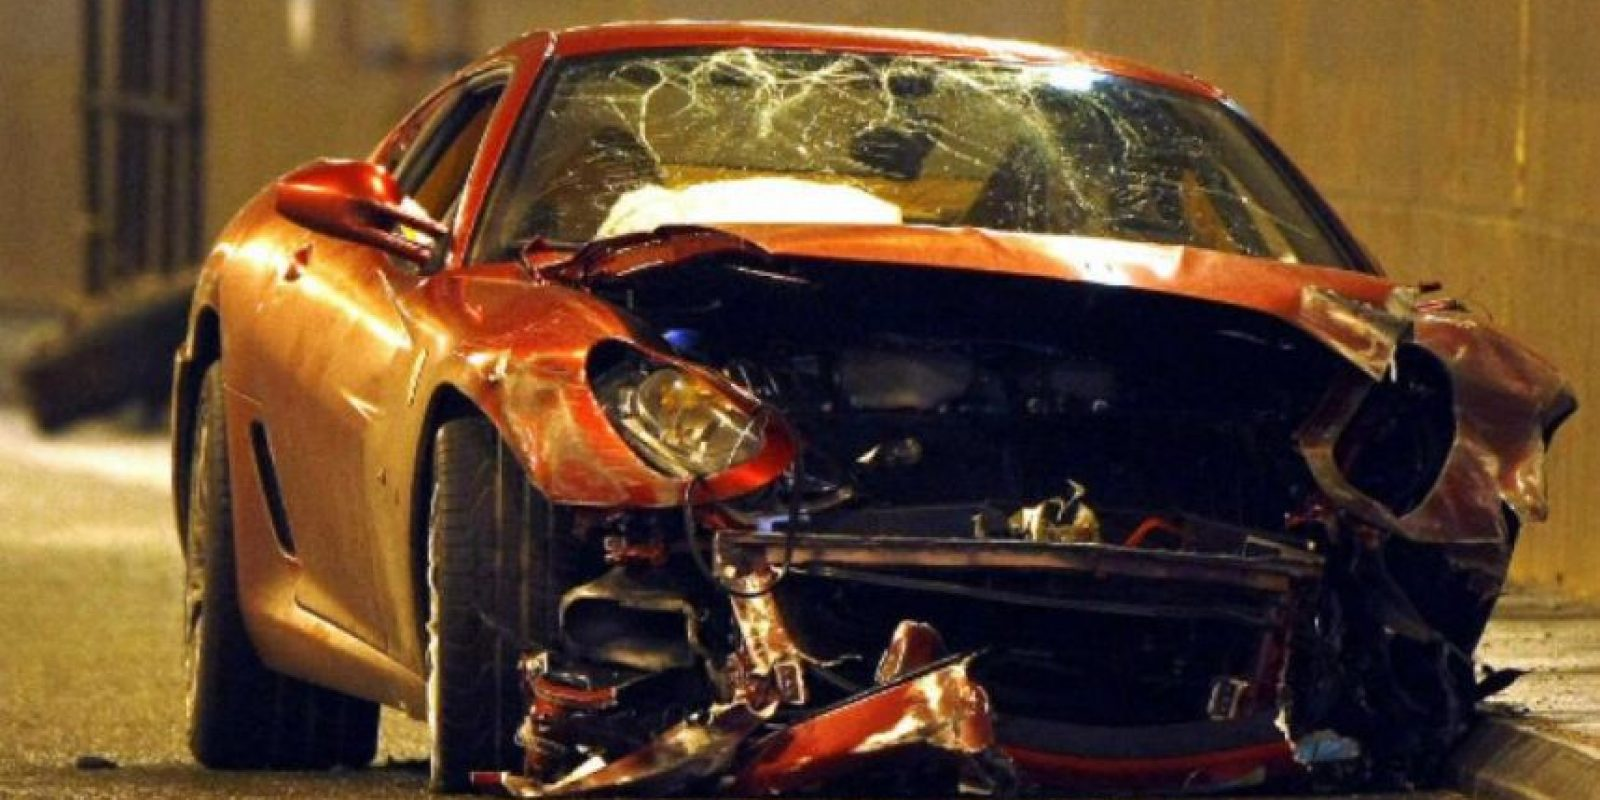 """En enero de 2009, antes de fichar por el Real Madrid, el astro portugués estrelló su Ferrari GTB Fiorano Spider en un túnel de Manchester. """"CR7"""" salió ileso y a nadie más afectó por el accidente, pero su auto quedó reducido a chatarra. Foto:AFP"""